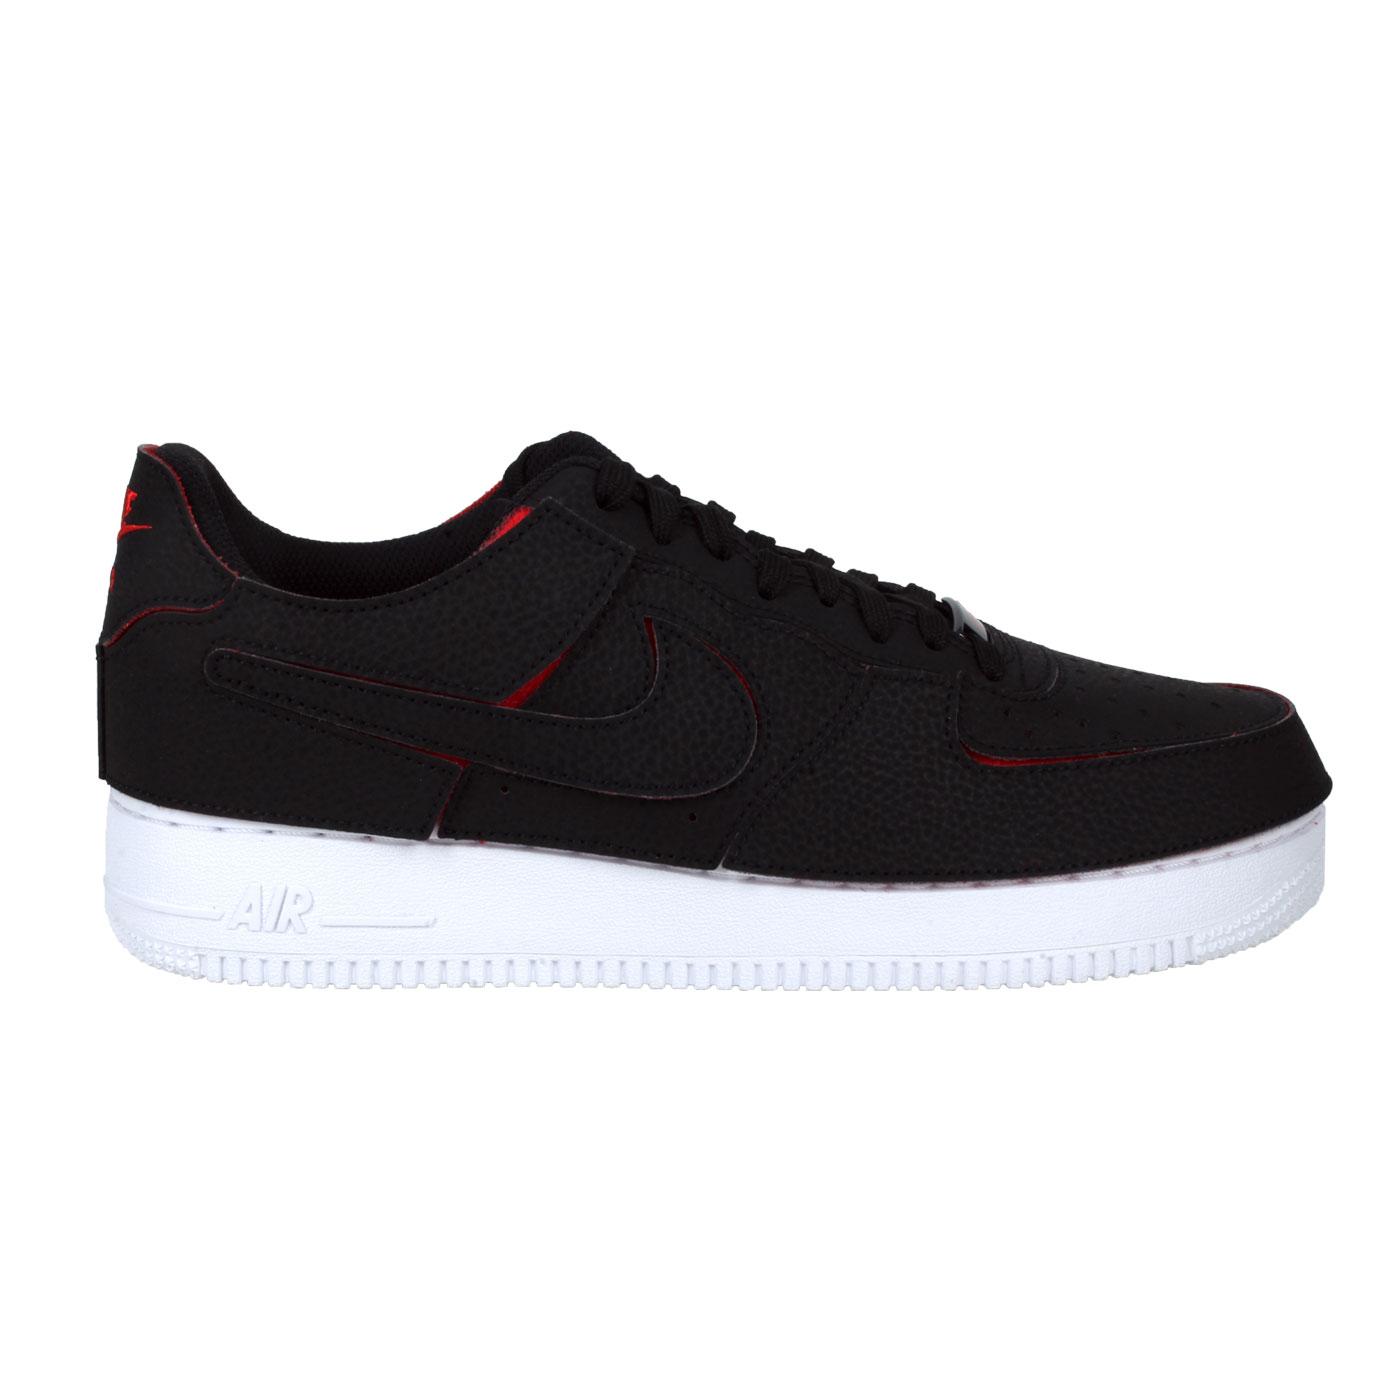 NIKE 特定-男款休閒鞋(可拆式)  @AF1/1@DD2429001 - 黑紅